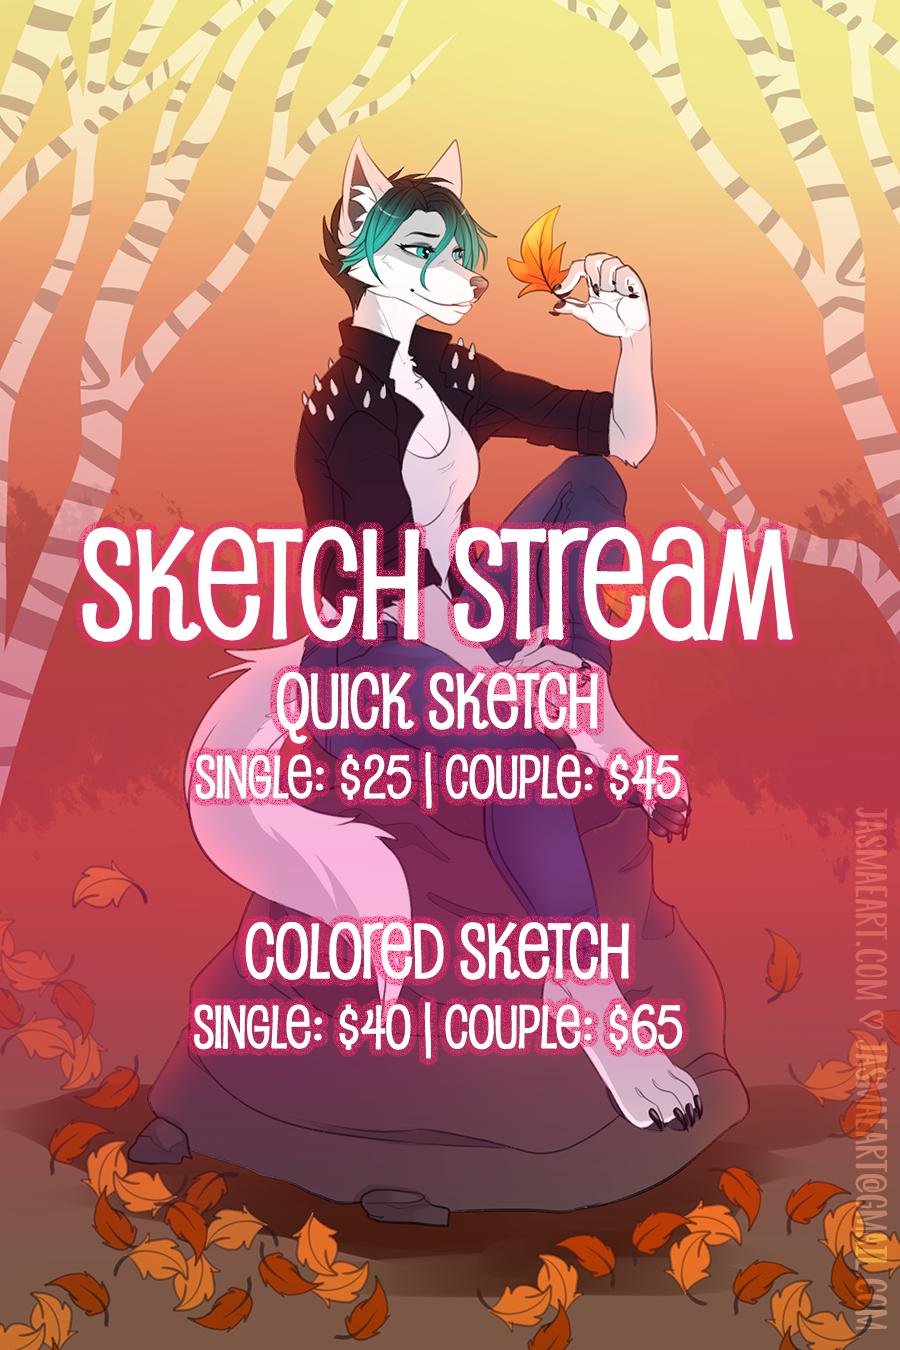 sketch stream online!